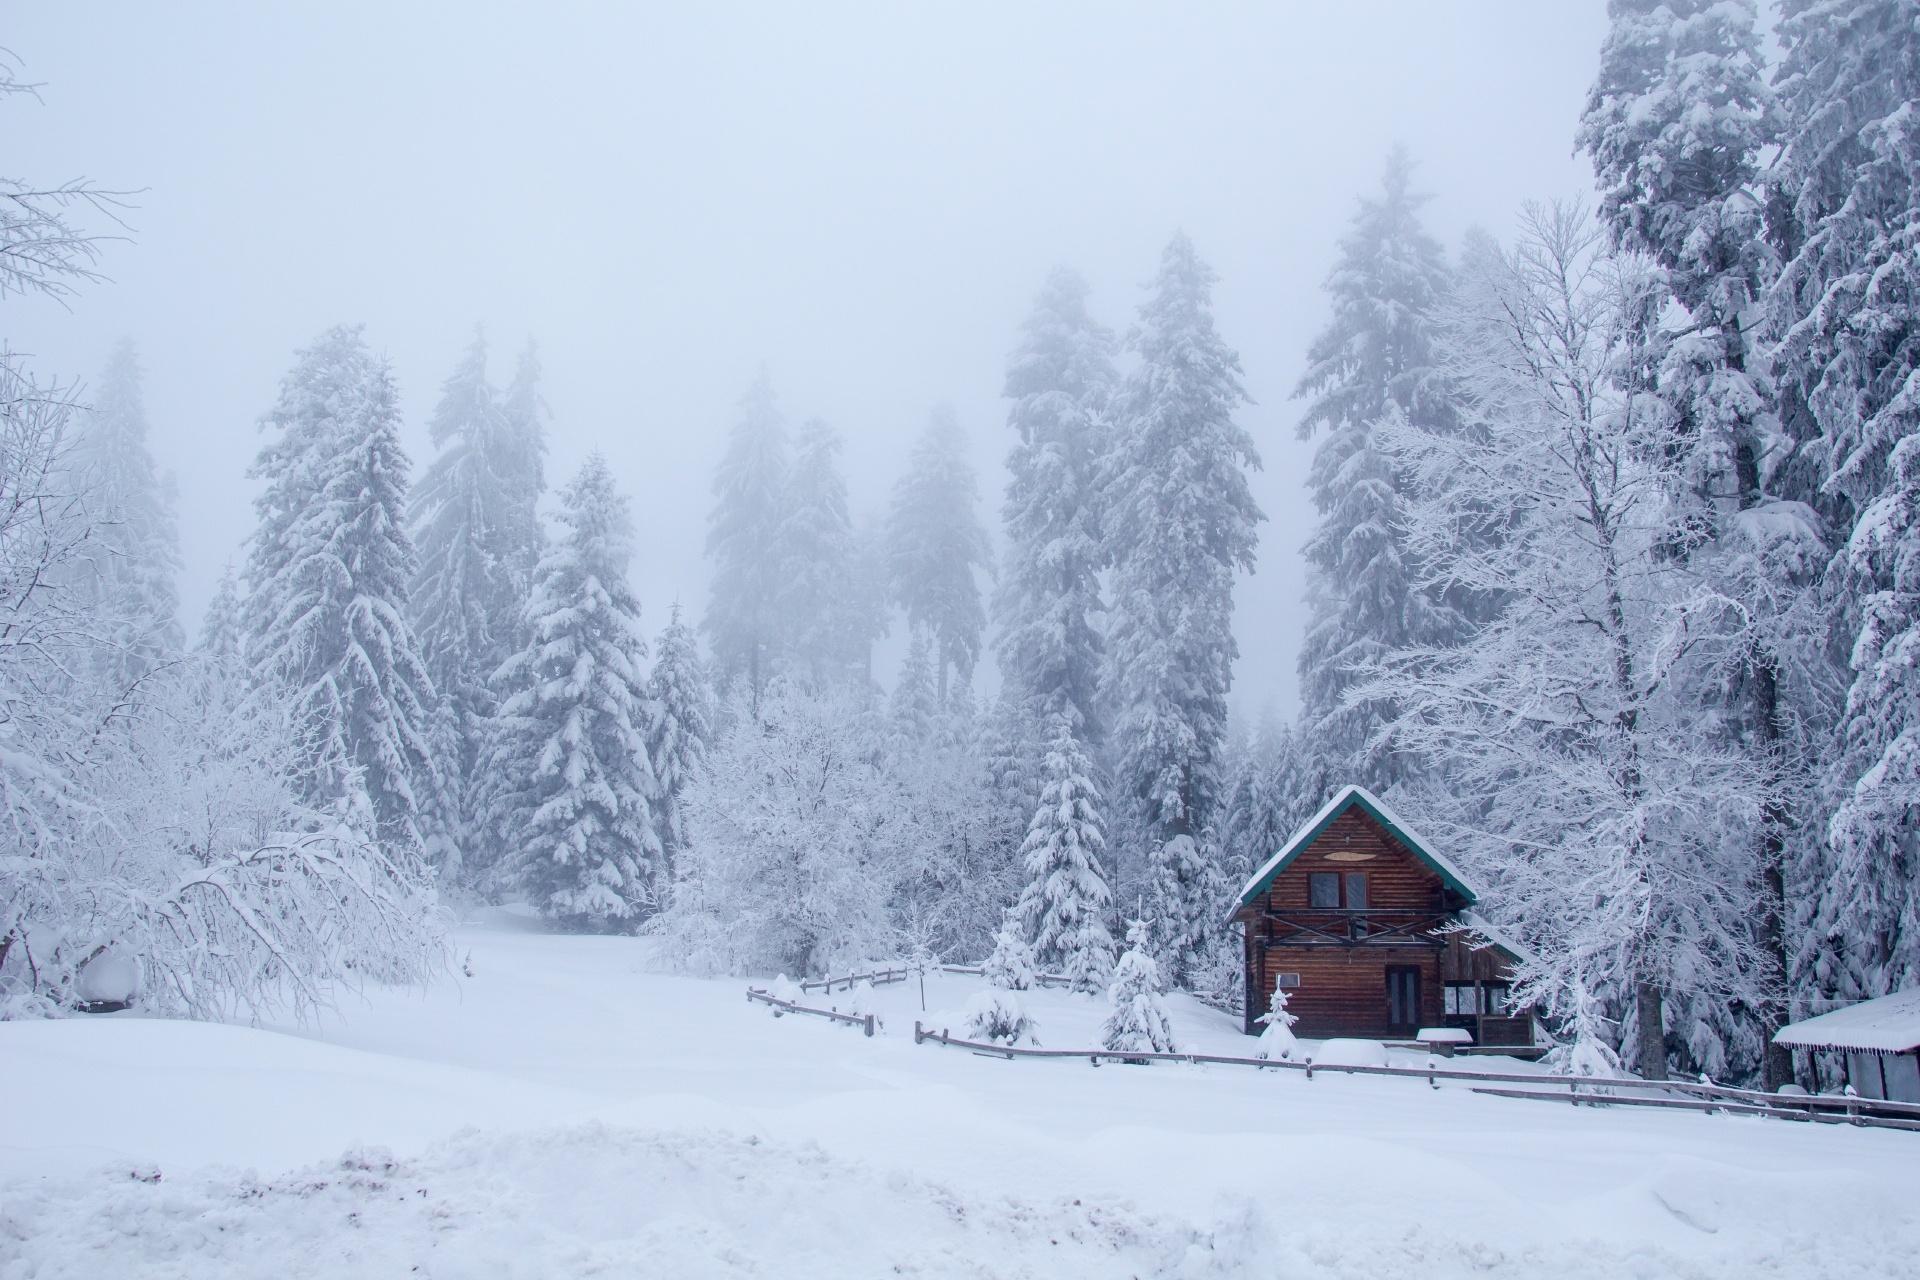 森の中のコテージ 冬の風景